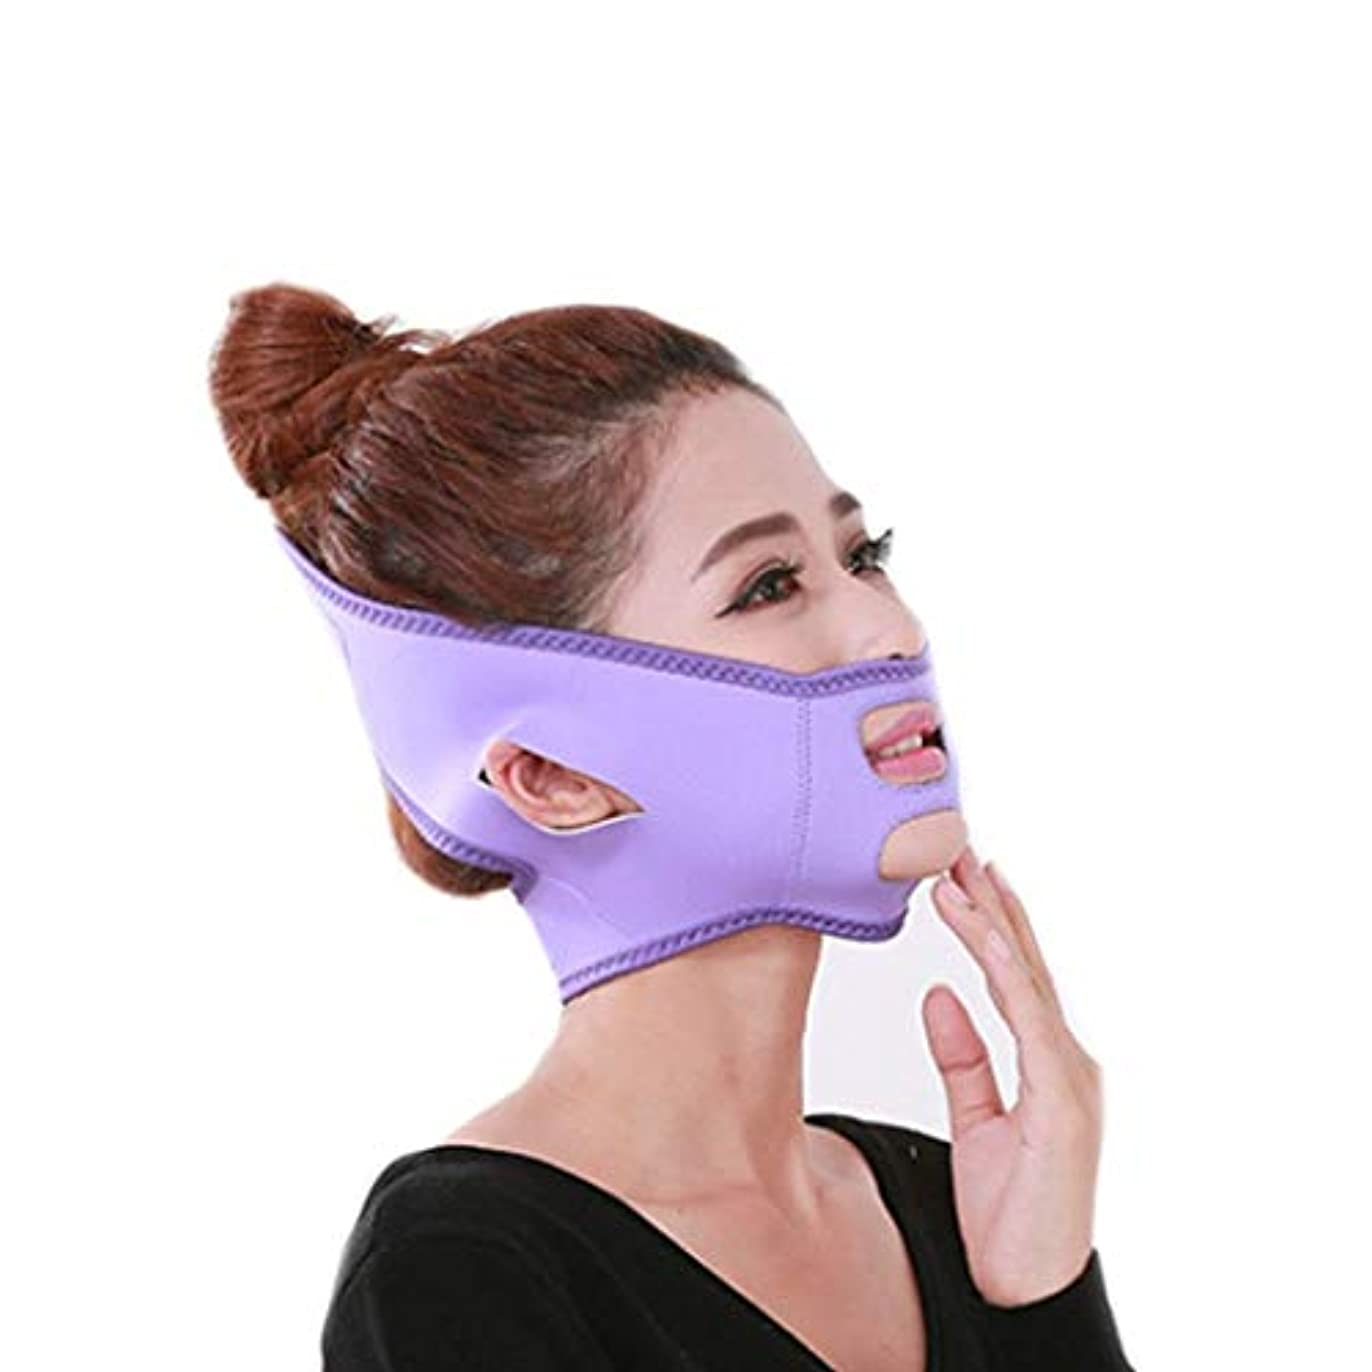 鎮痛剤温度計契約したフェイスリフトテープ&バンド、フェイススリミングマスク、ダブルチン、ダブルチンリデューサー、シワ防止マスク、リフティングシェイプ(フリーサイズ)(カラー:ピンク),紫の